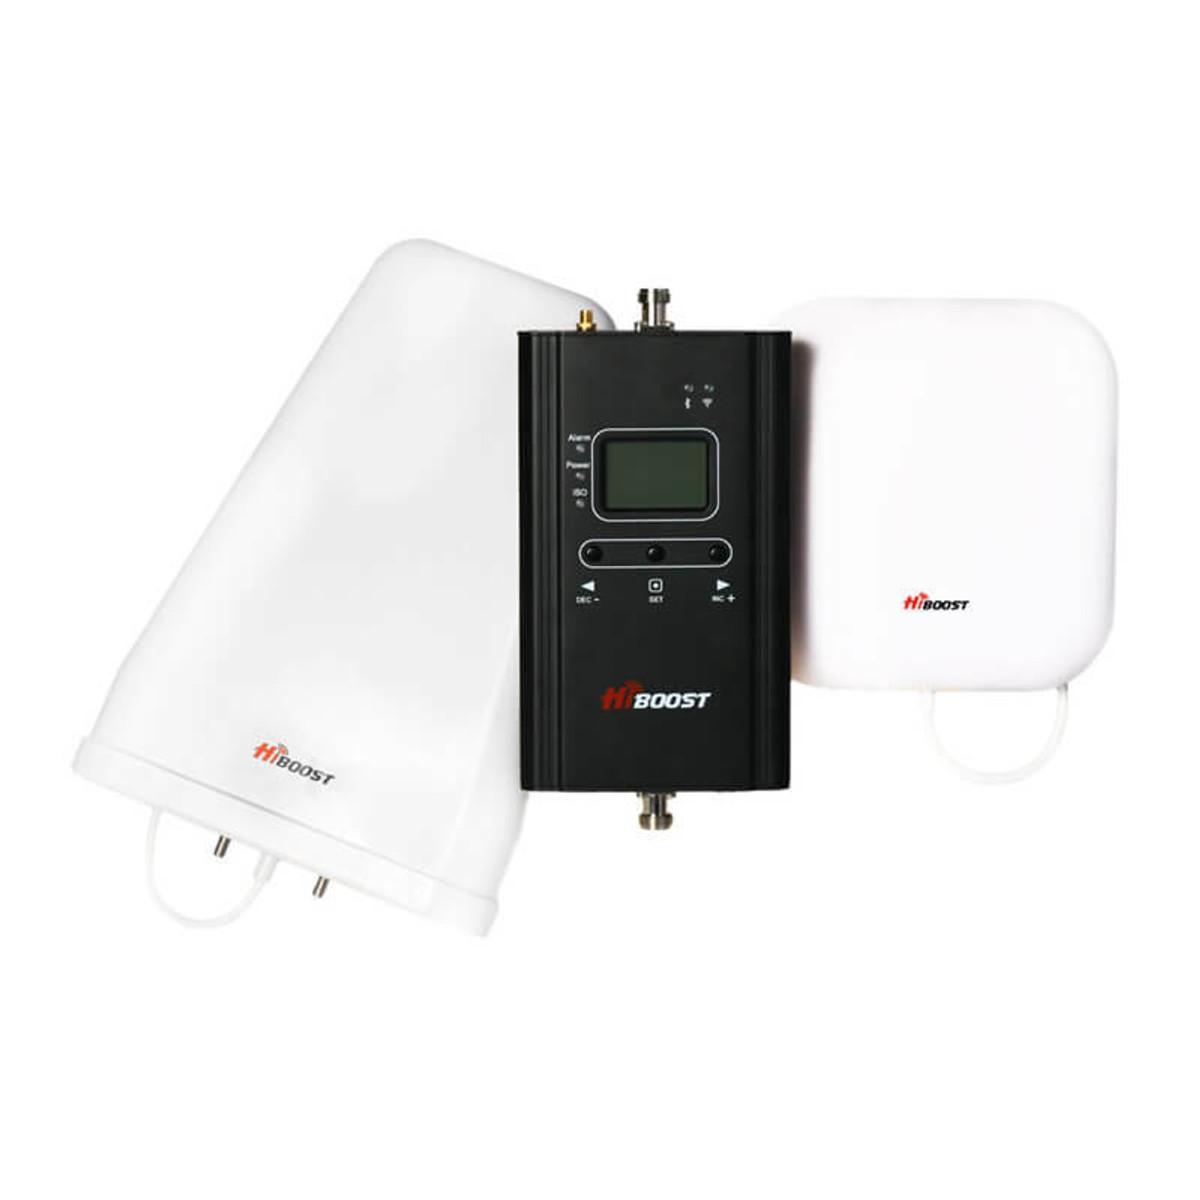 HiBoost HiBoost Home 4K Smart Link Signal Booster Kit, Refurbished